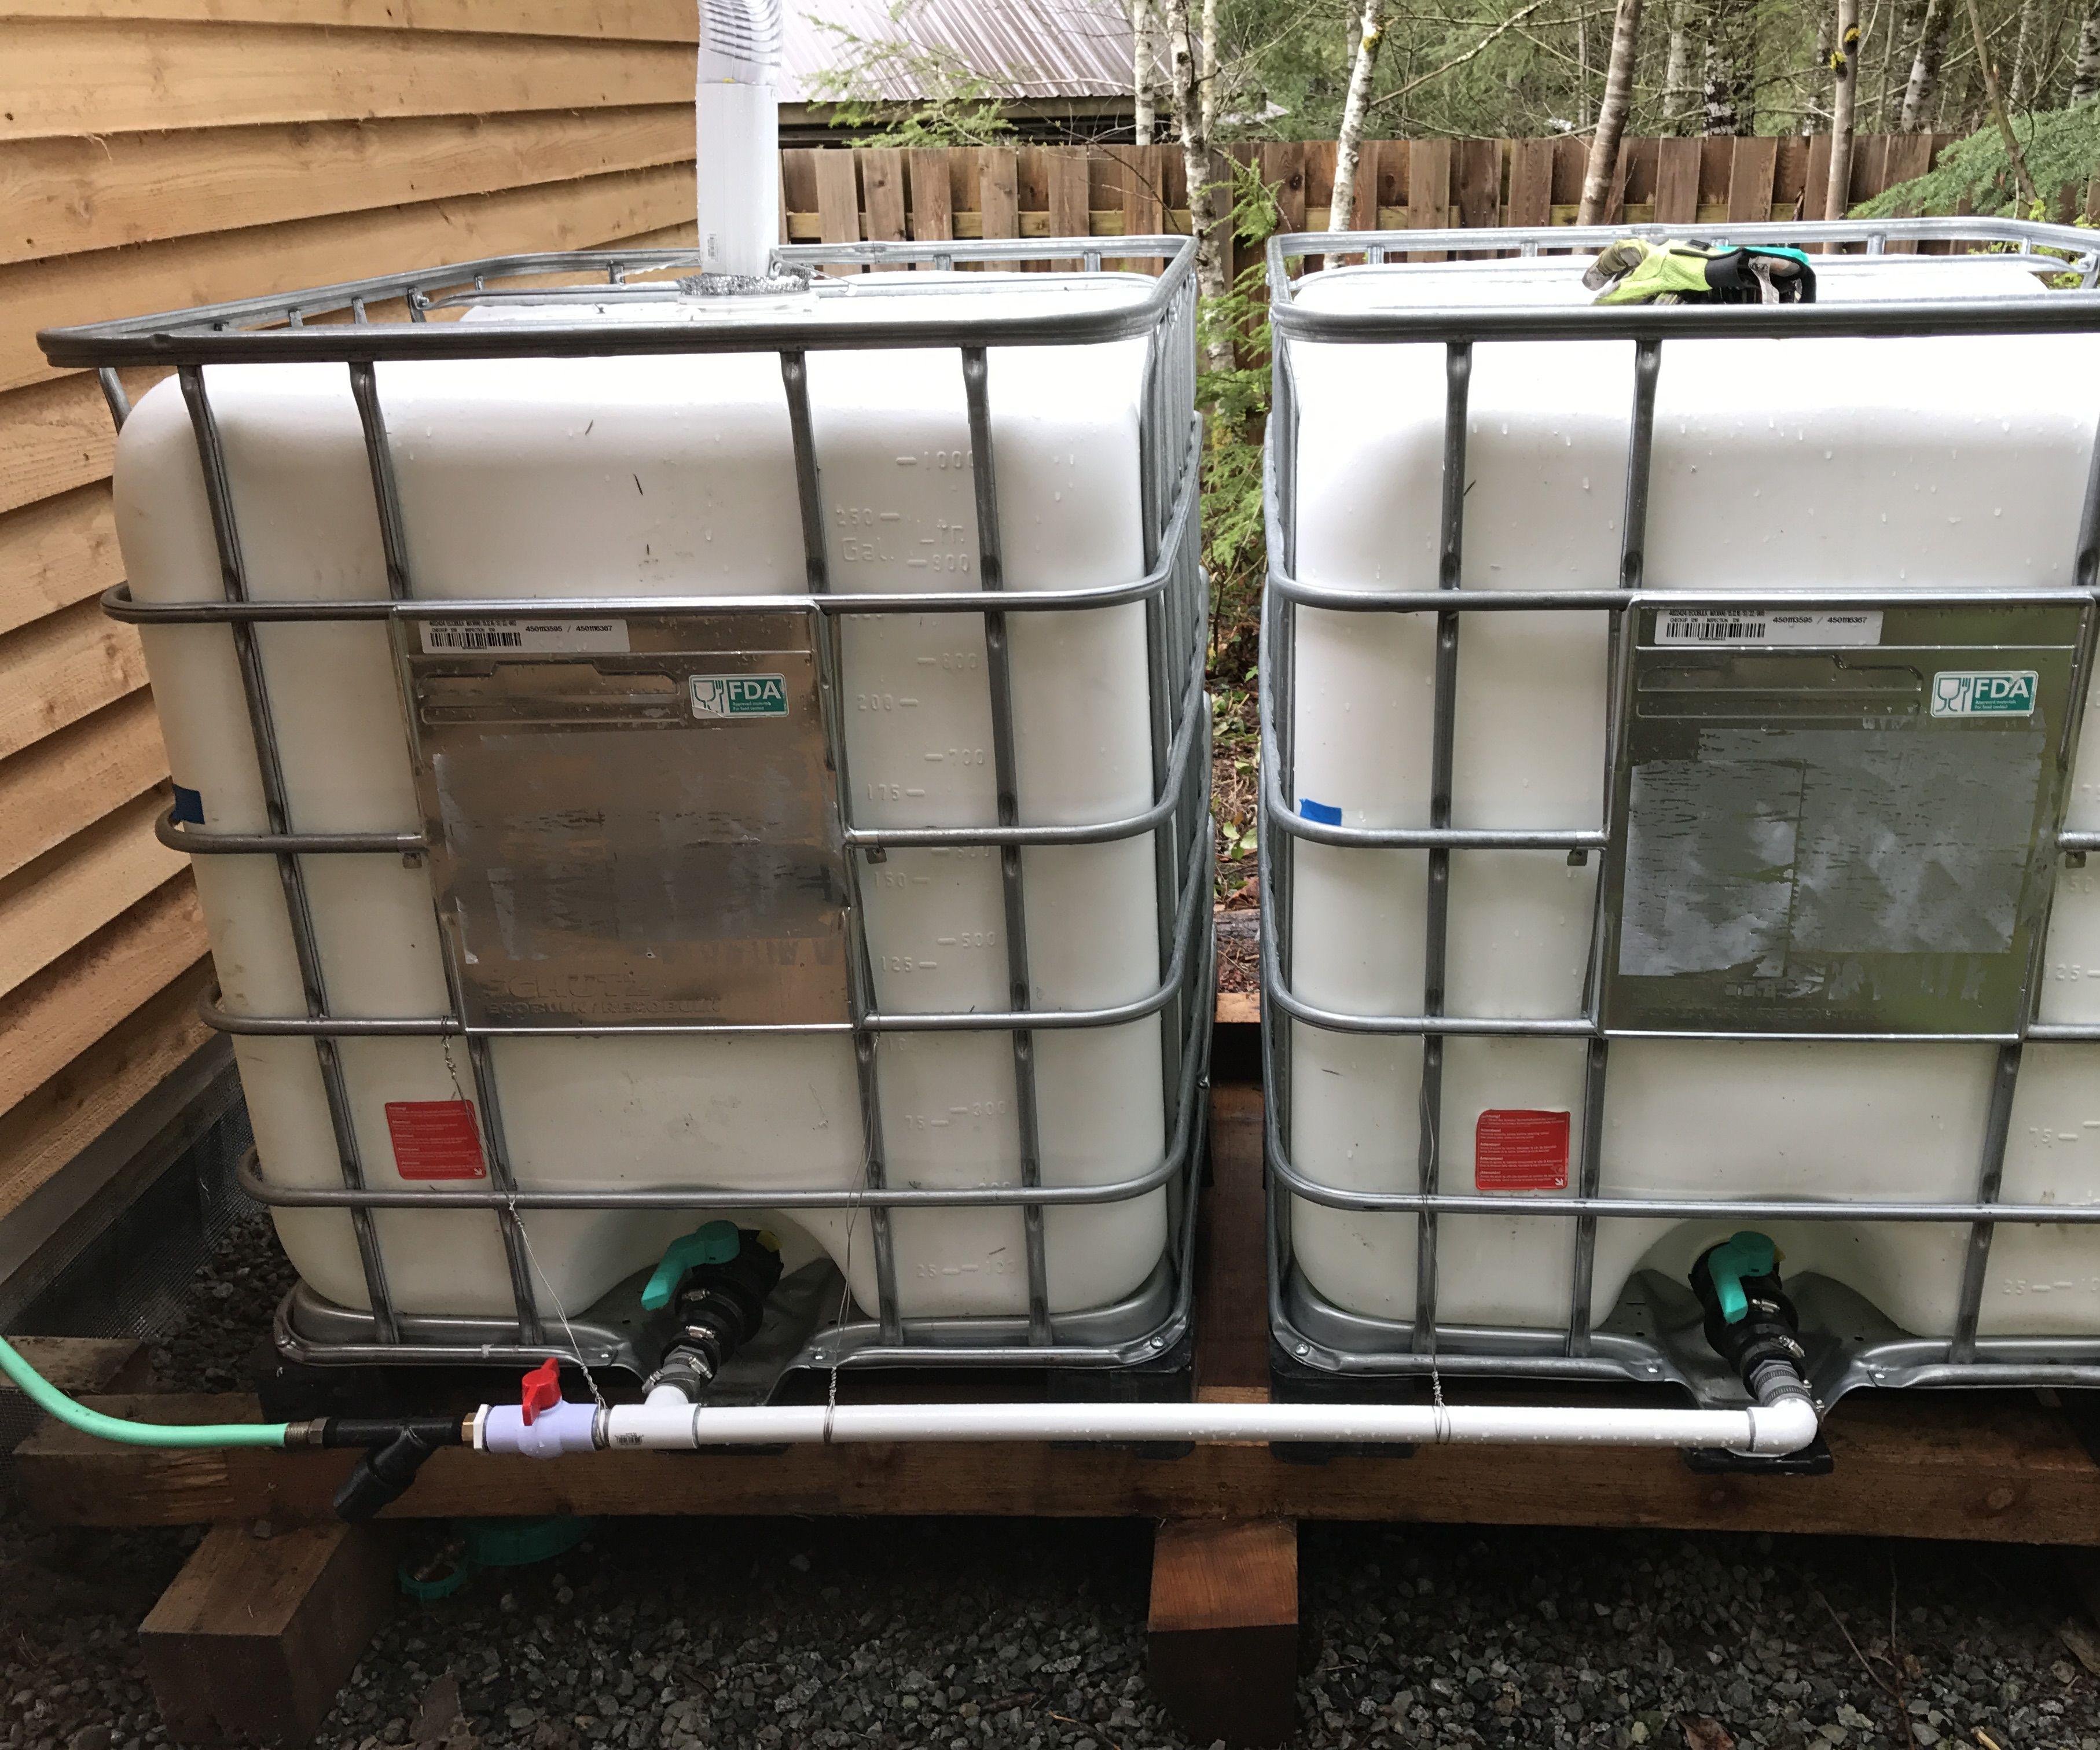 Green Solar Water Barrel Version 2